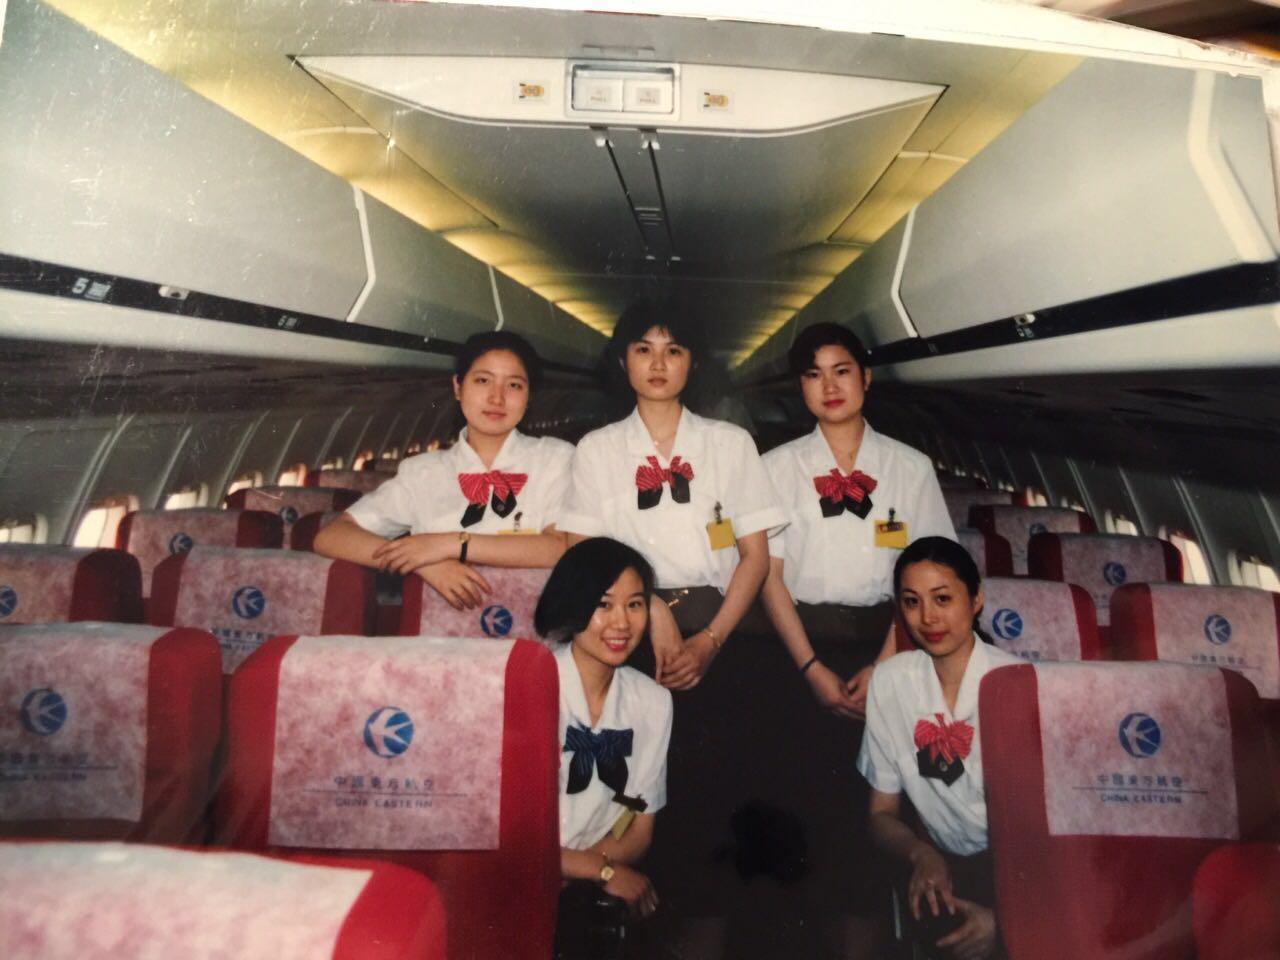 东航安徽分公司空姐告别三十年蓝天生涯